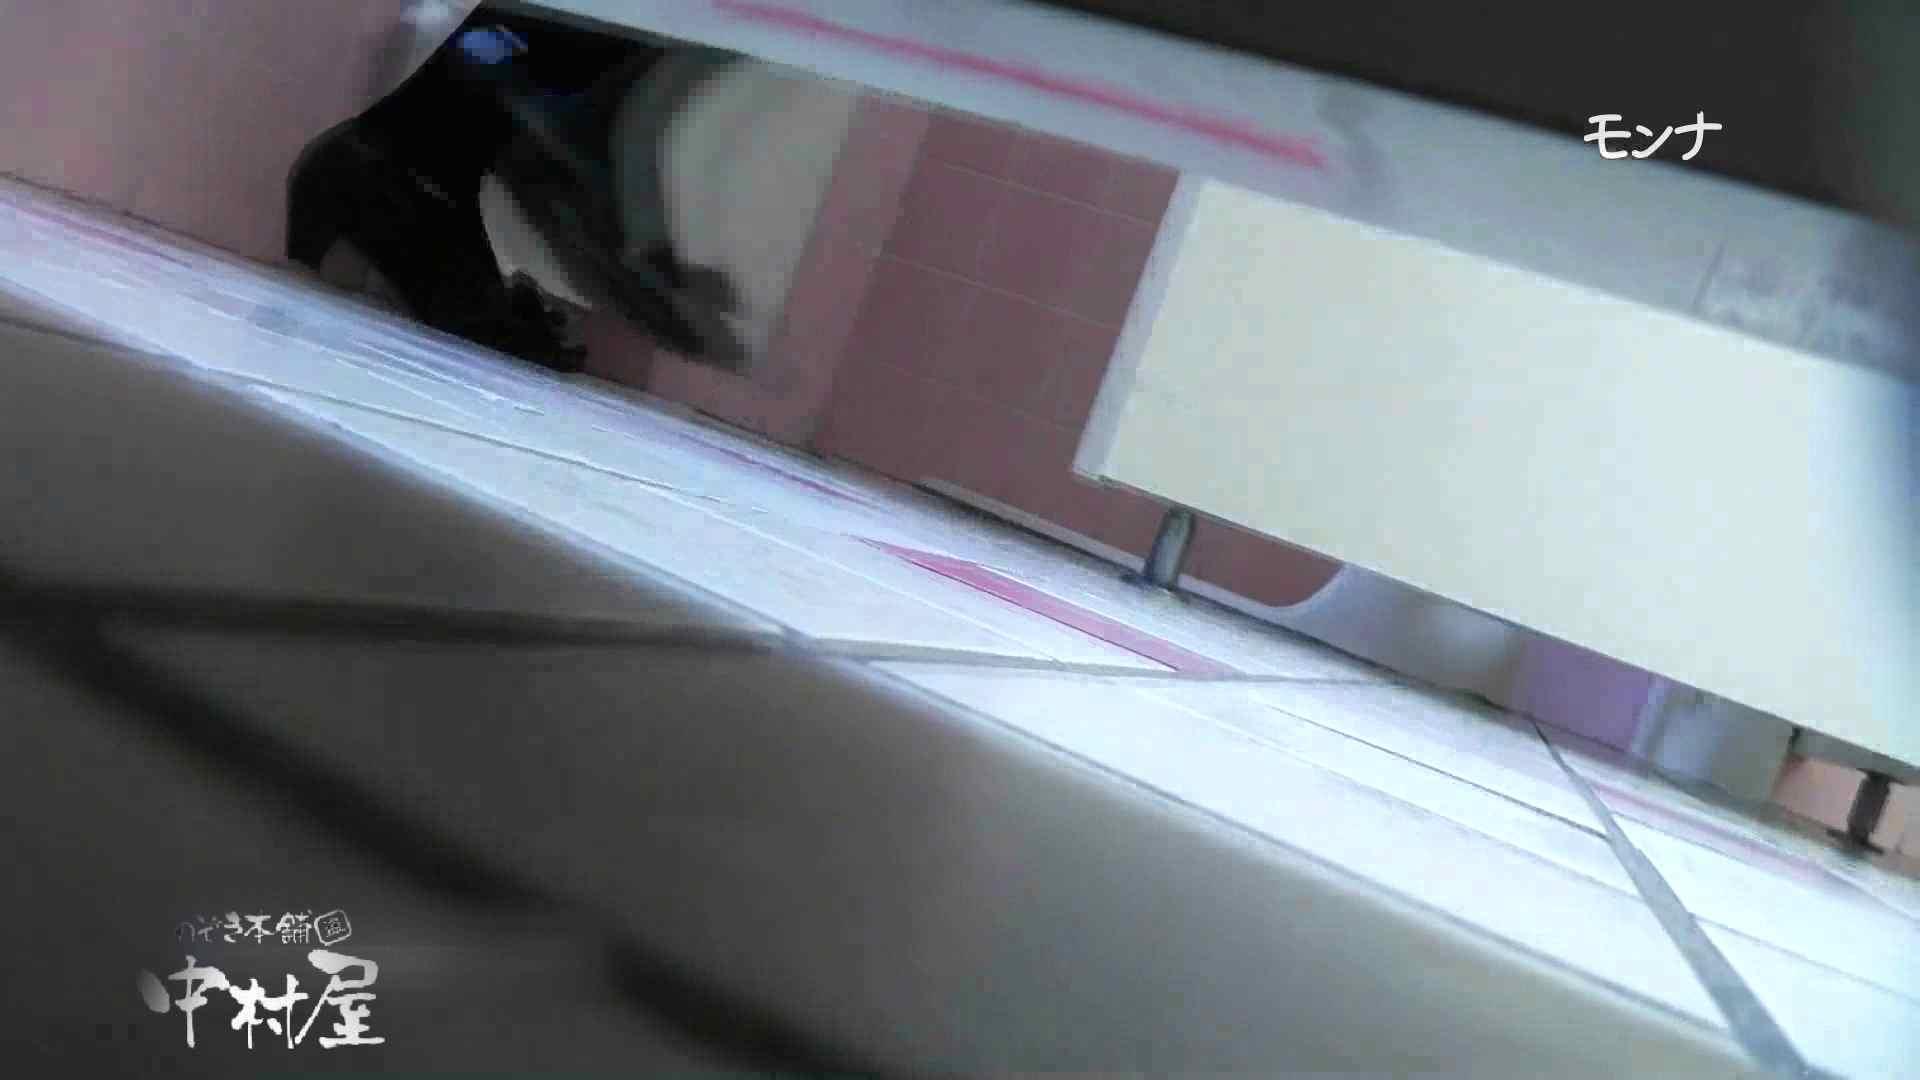 【美しい日本の未来】遂に!!戸田恵梨香似の予告モデル登場ダッシュで「大」後編 おまんこ無修正 | 覗き放題  59画像 1